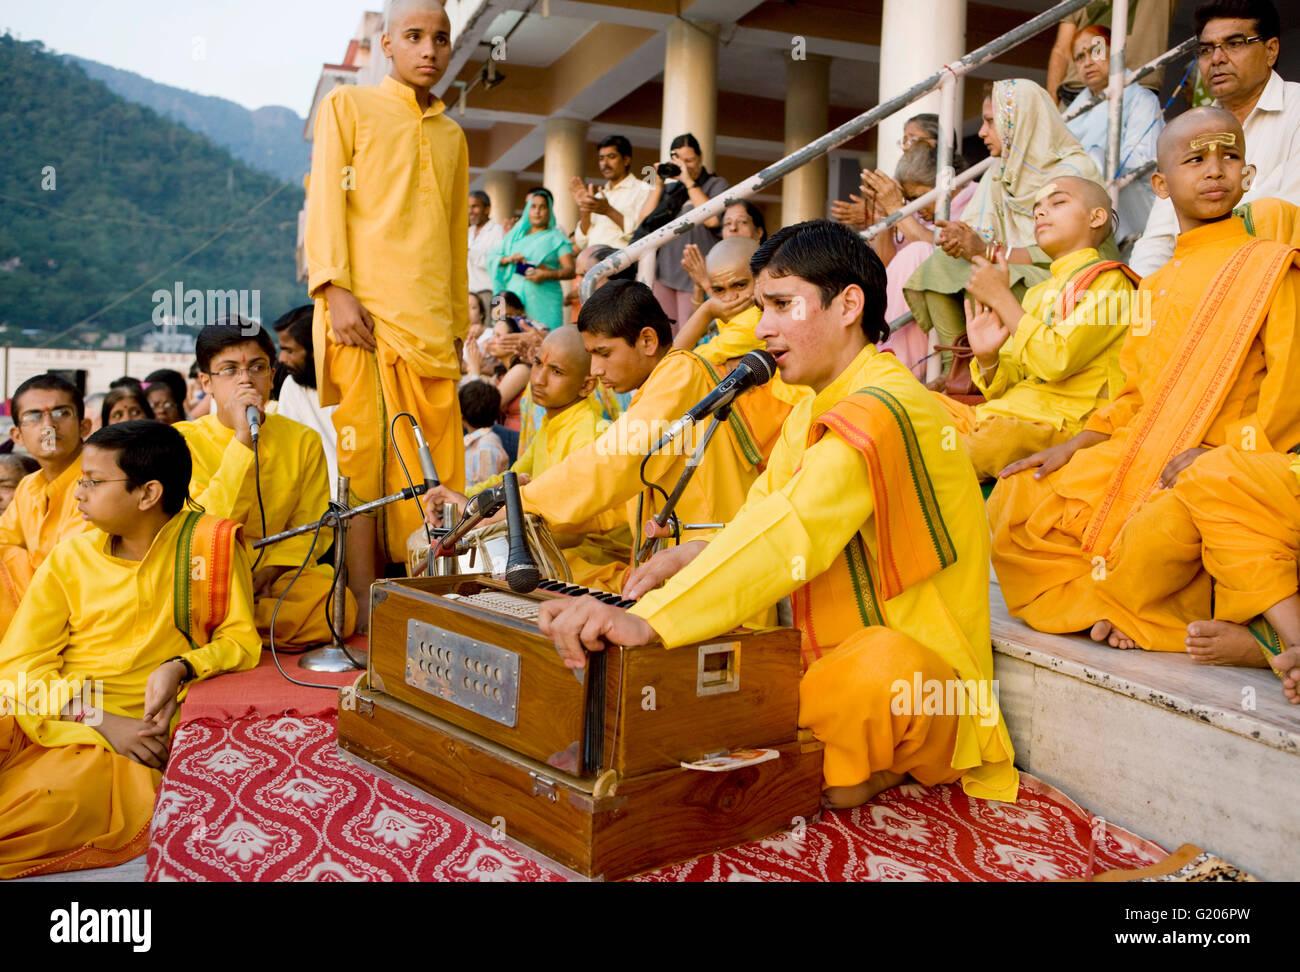 Los muchachos orar y cantar con su gurú en el Ganga Aarthi ritual. Rishikesh, India. Imagen De Stock